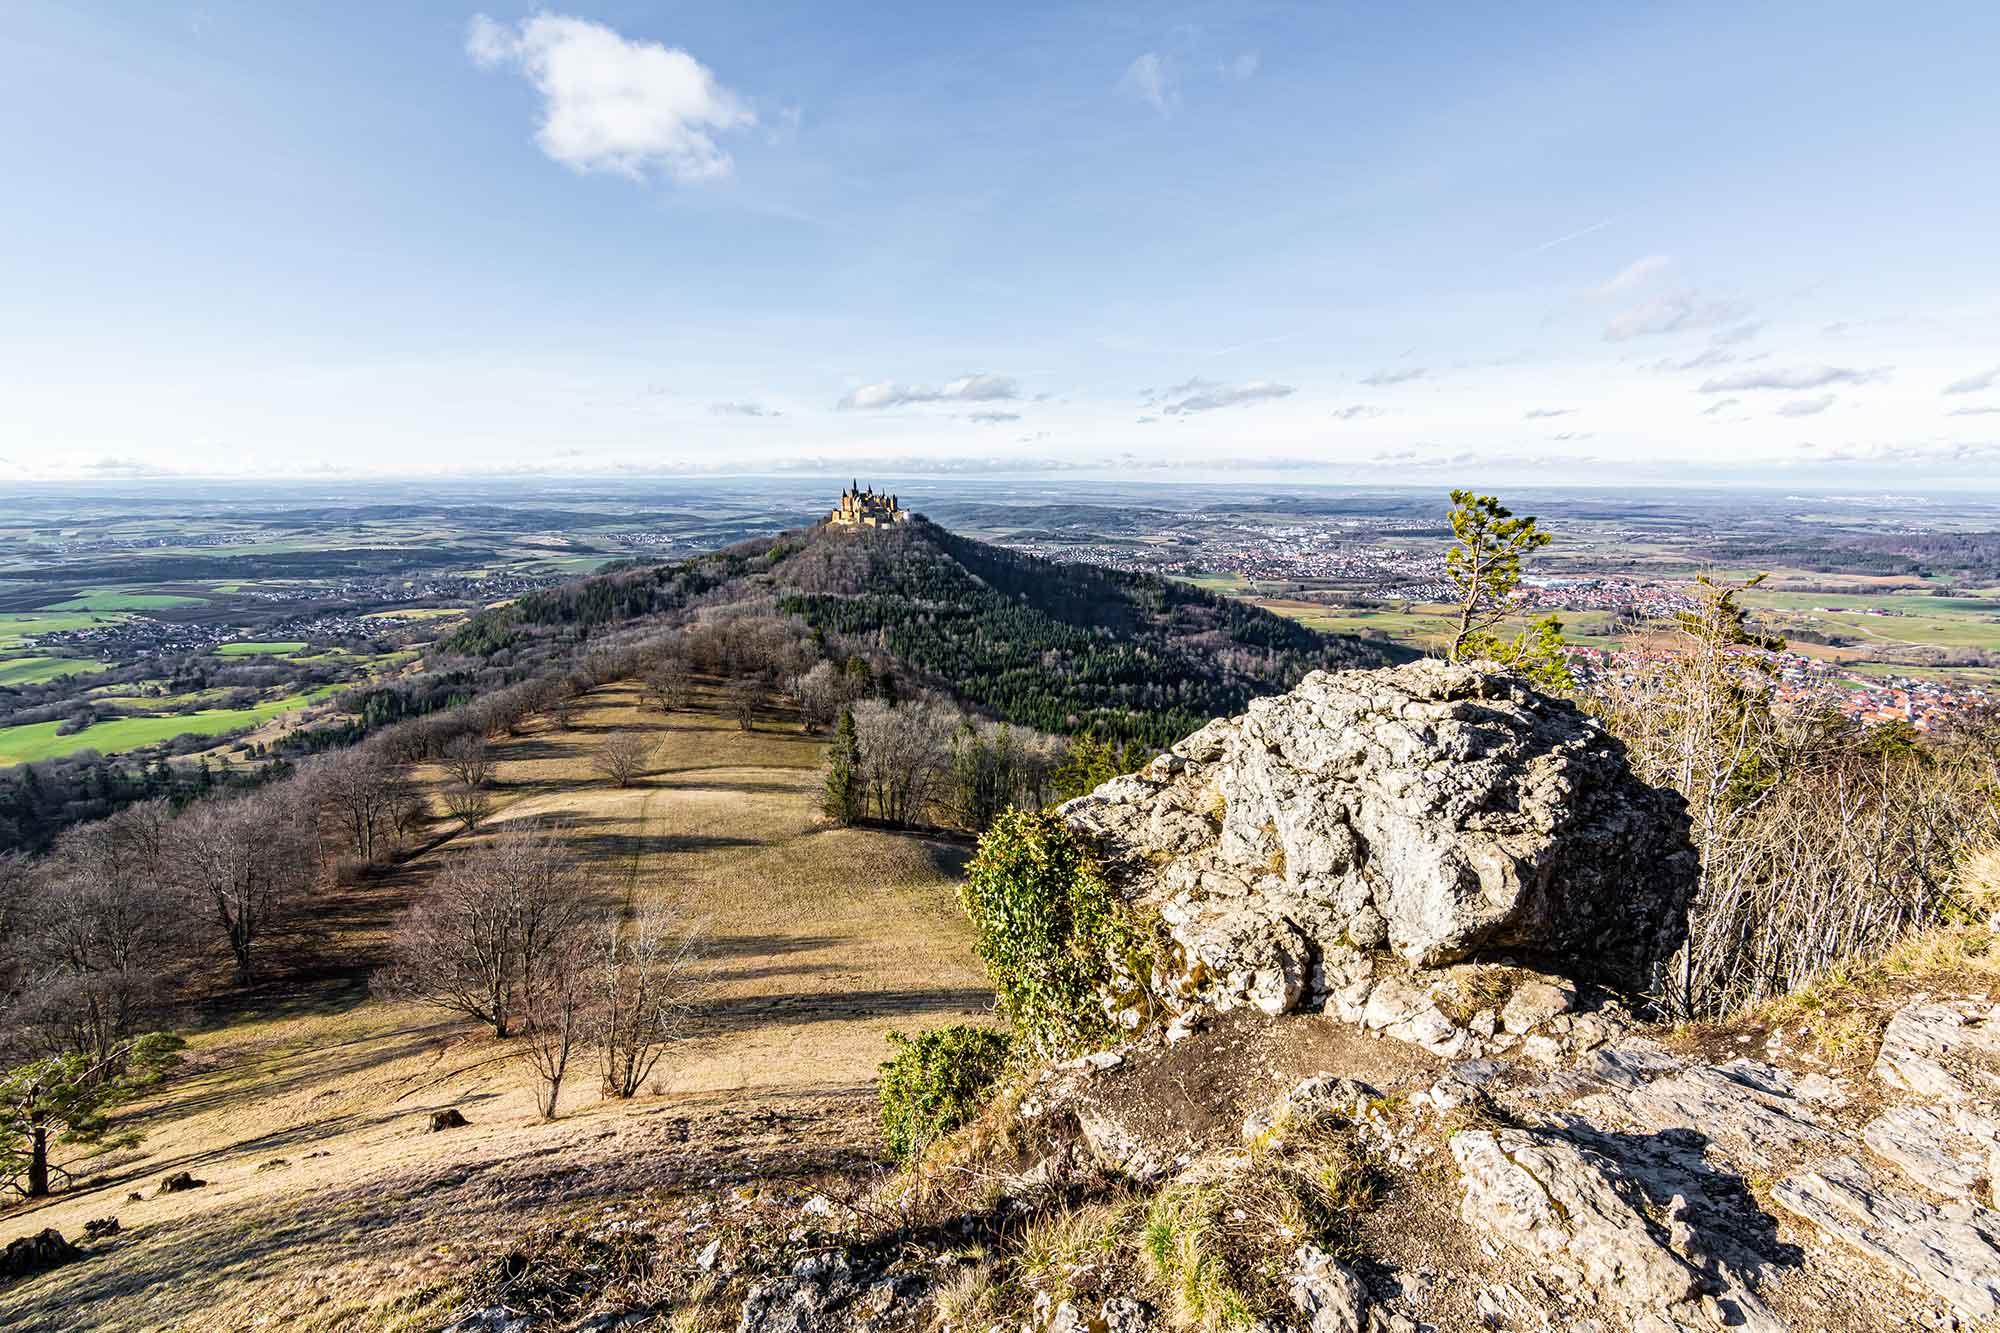 Im Bild ist die Aussicht auf die Baden-Württemberger Burg Hohenzollern zu sehen